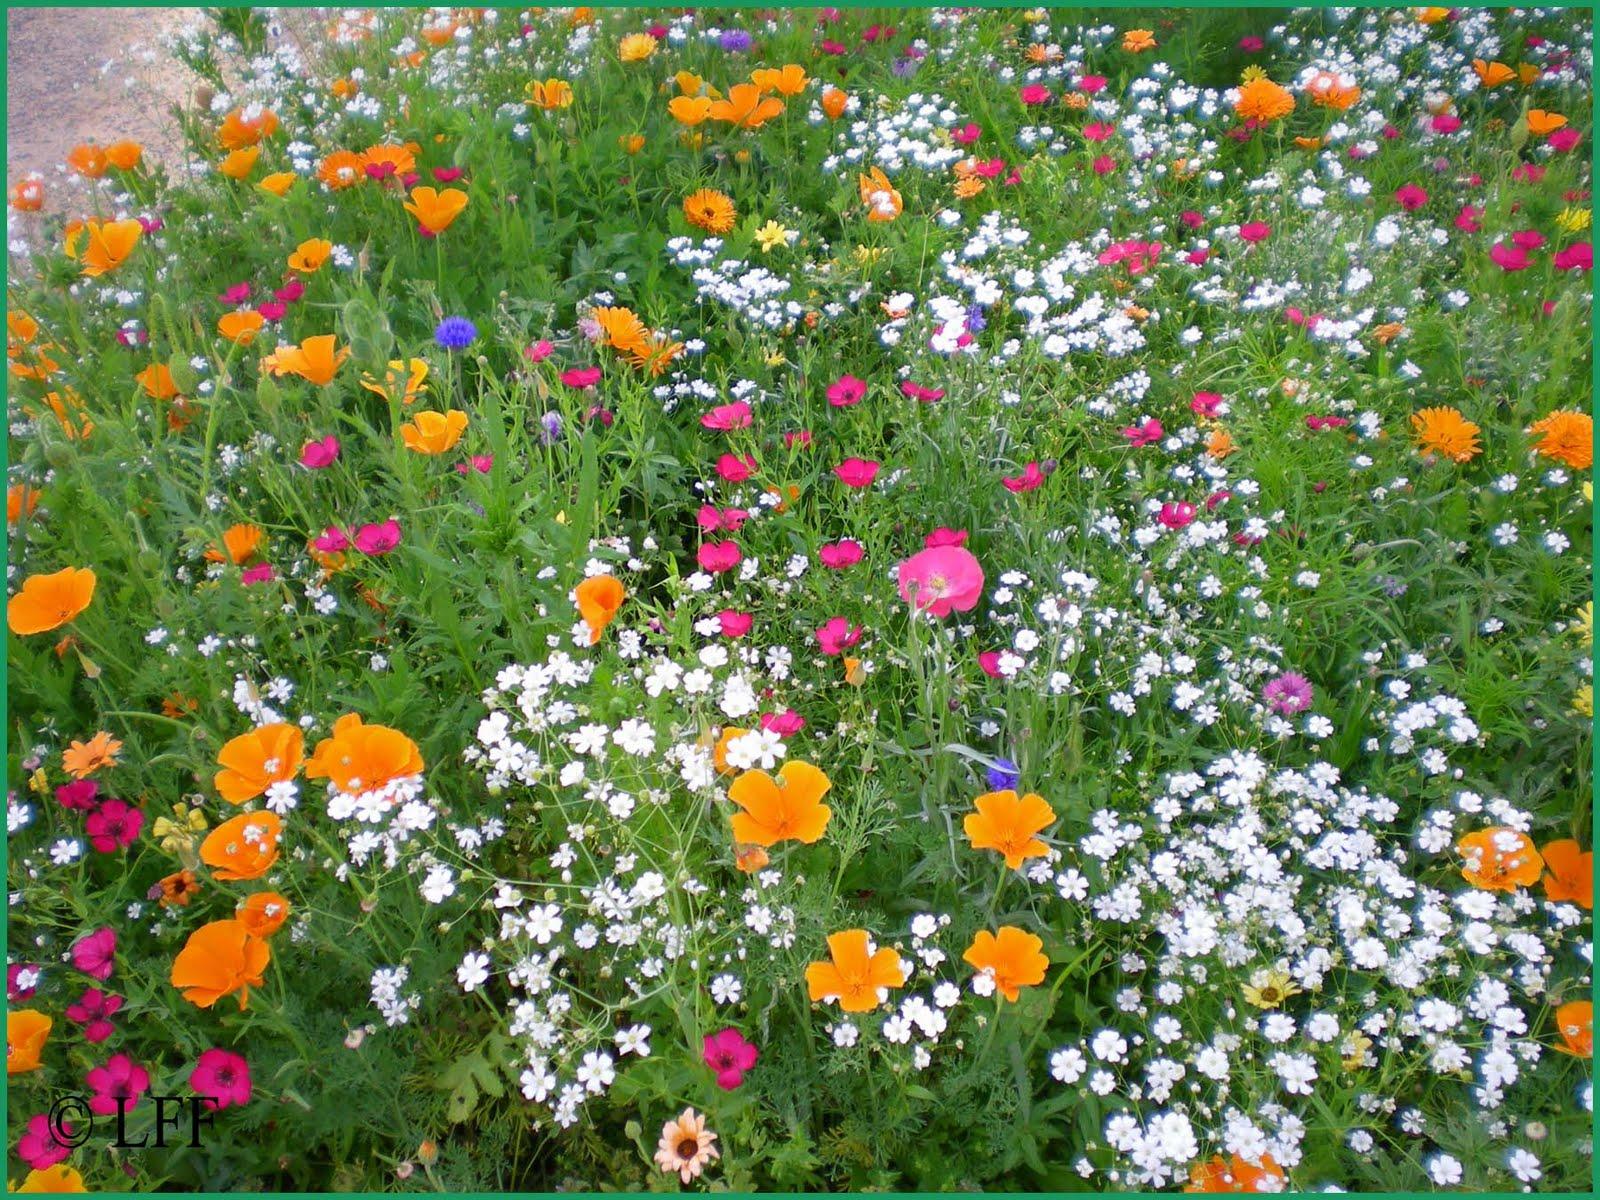 flores e jardins fotos:Plantas e Jardins: plantas, flores e jardinagem : Semeando o prado